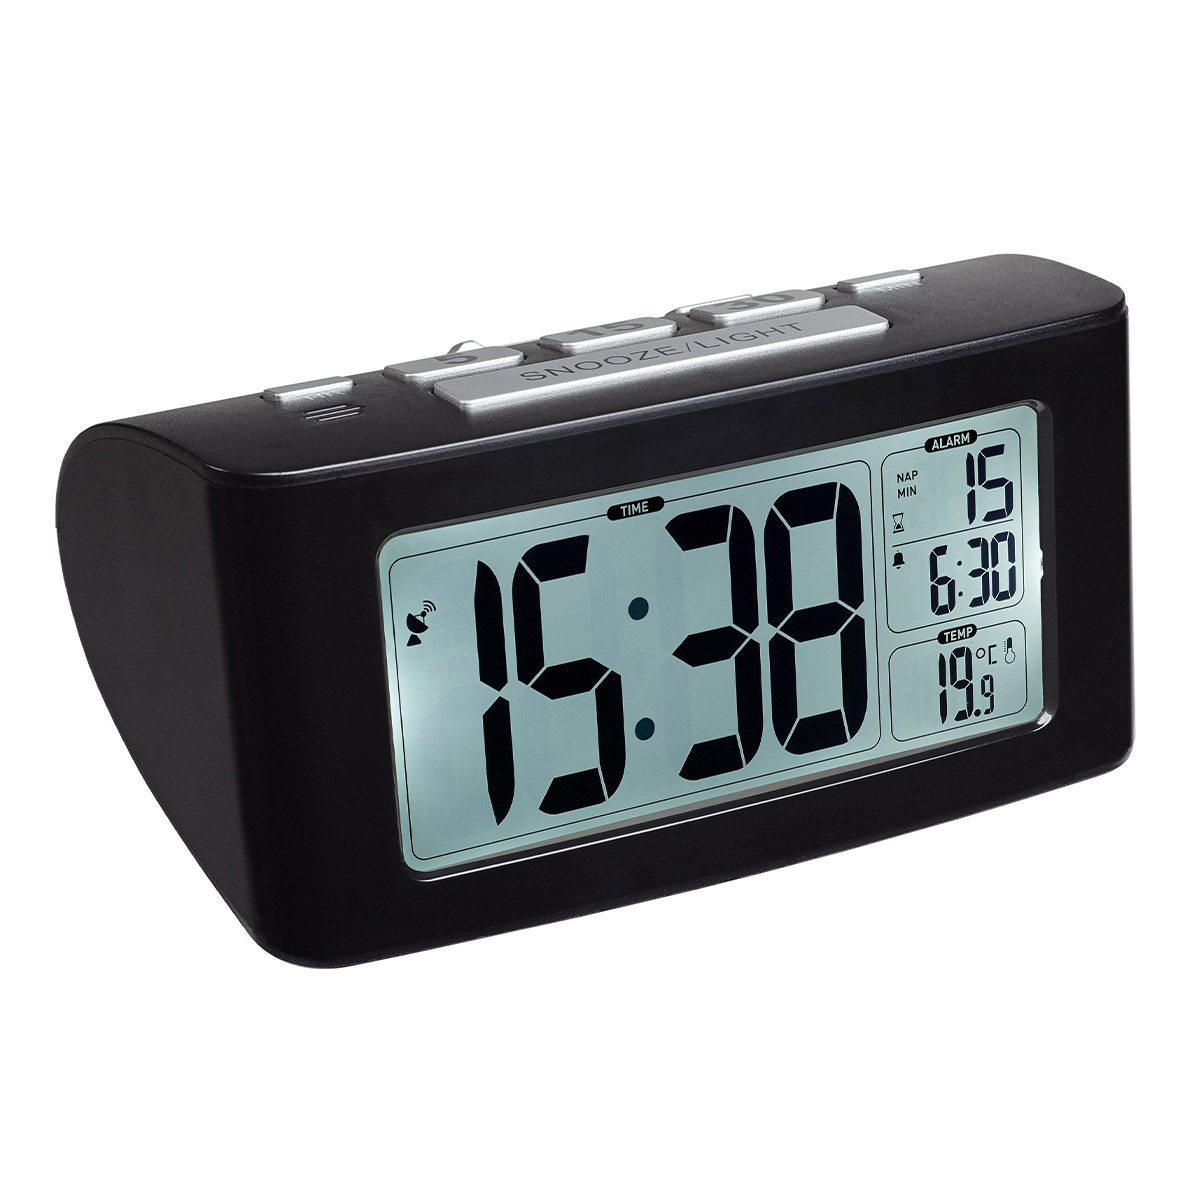 60-2532-01-digitaler-funk-wecker-mit-kurzschlaf-timerfunktion-siesta-beleuchtung-1200x1200px.jpg